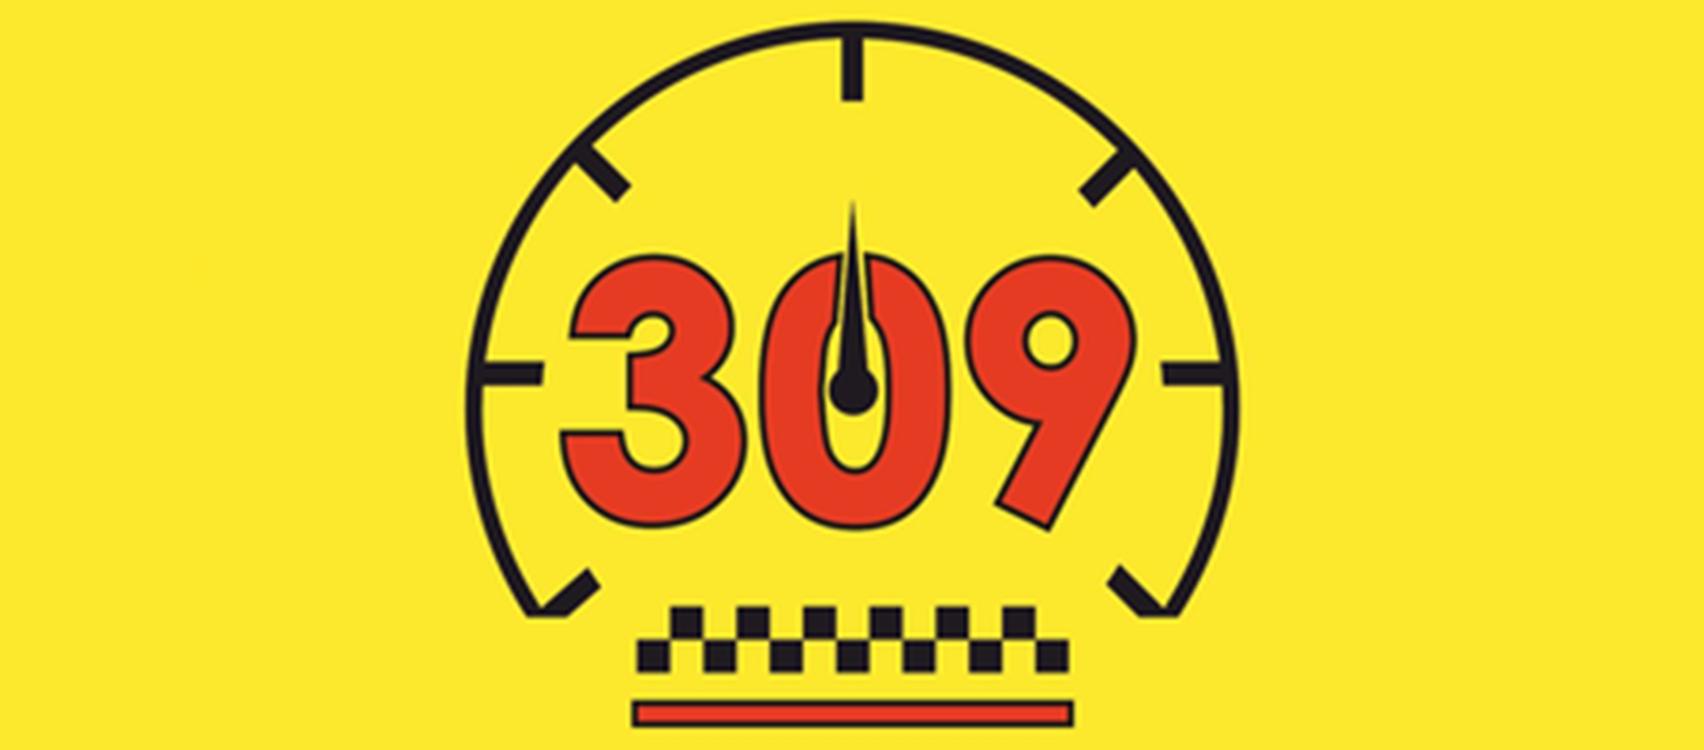 Таксі 309  (Київ)